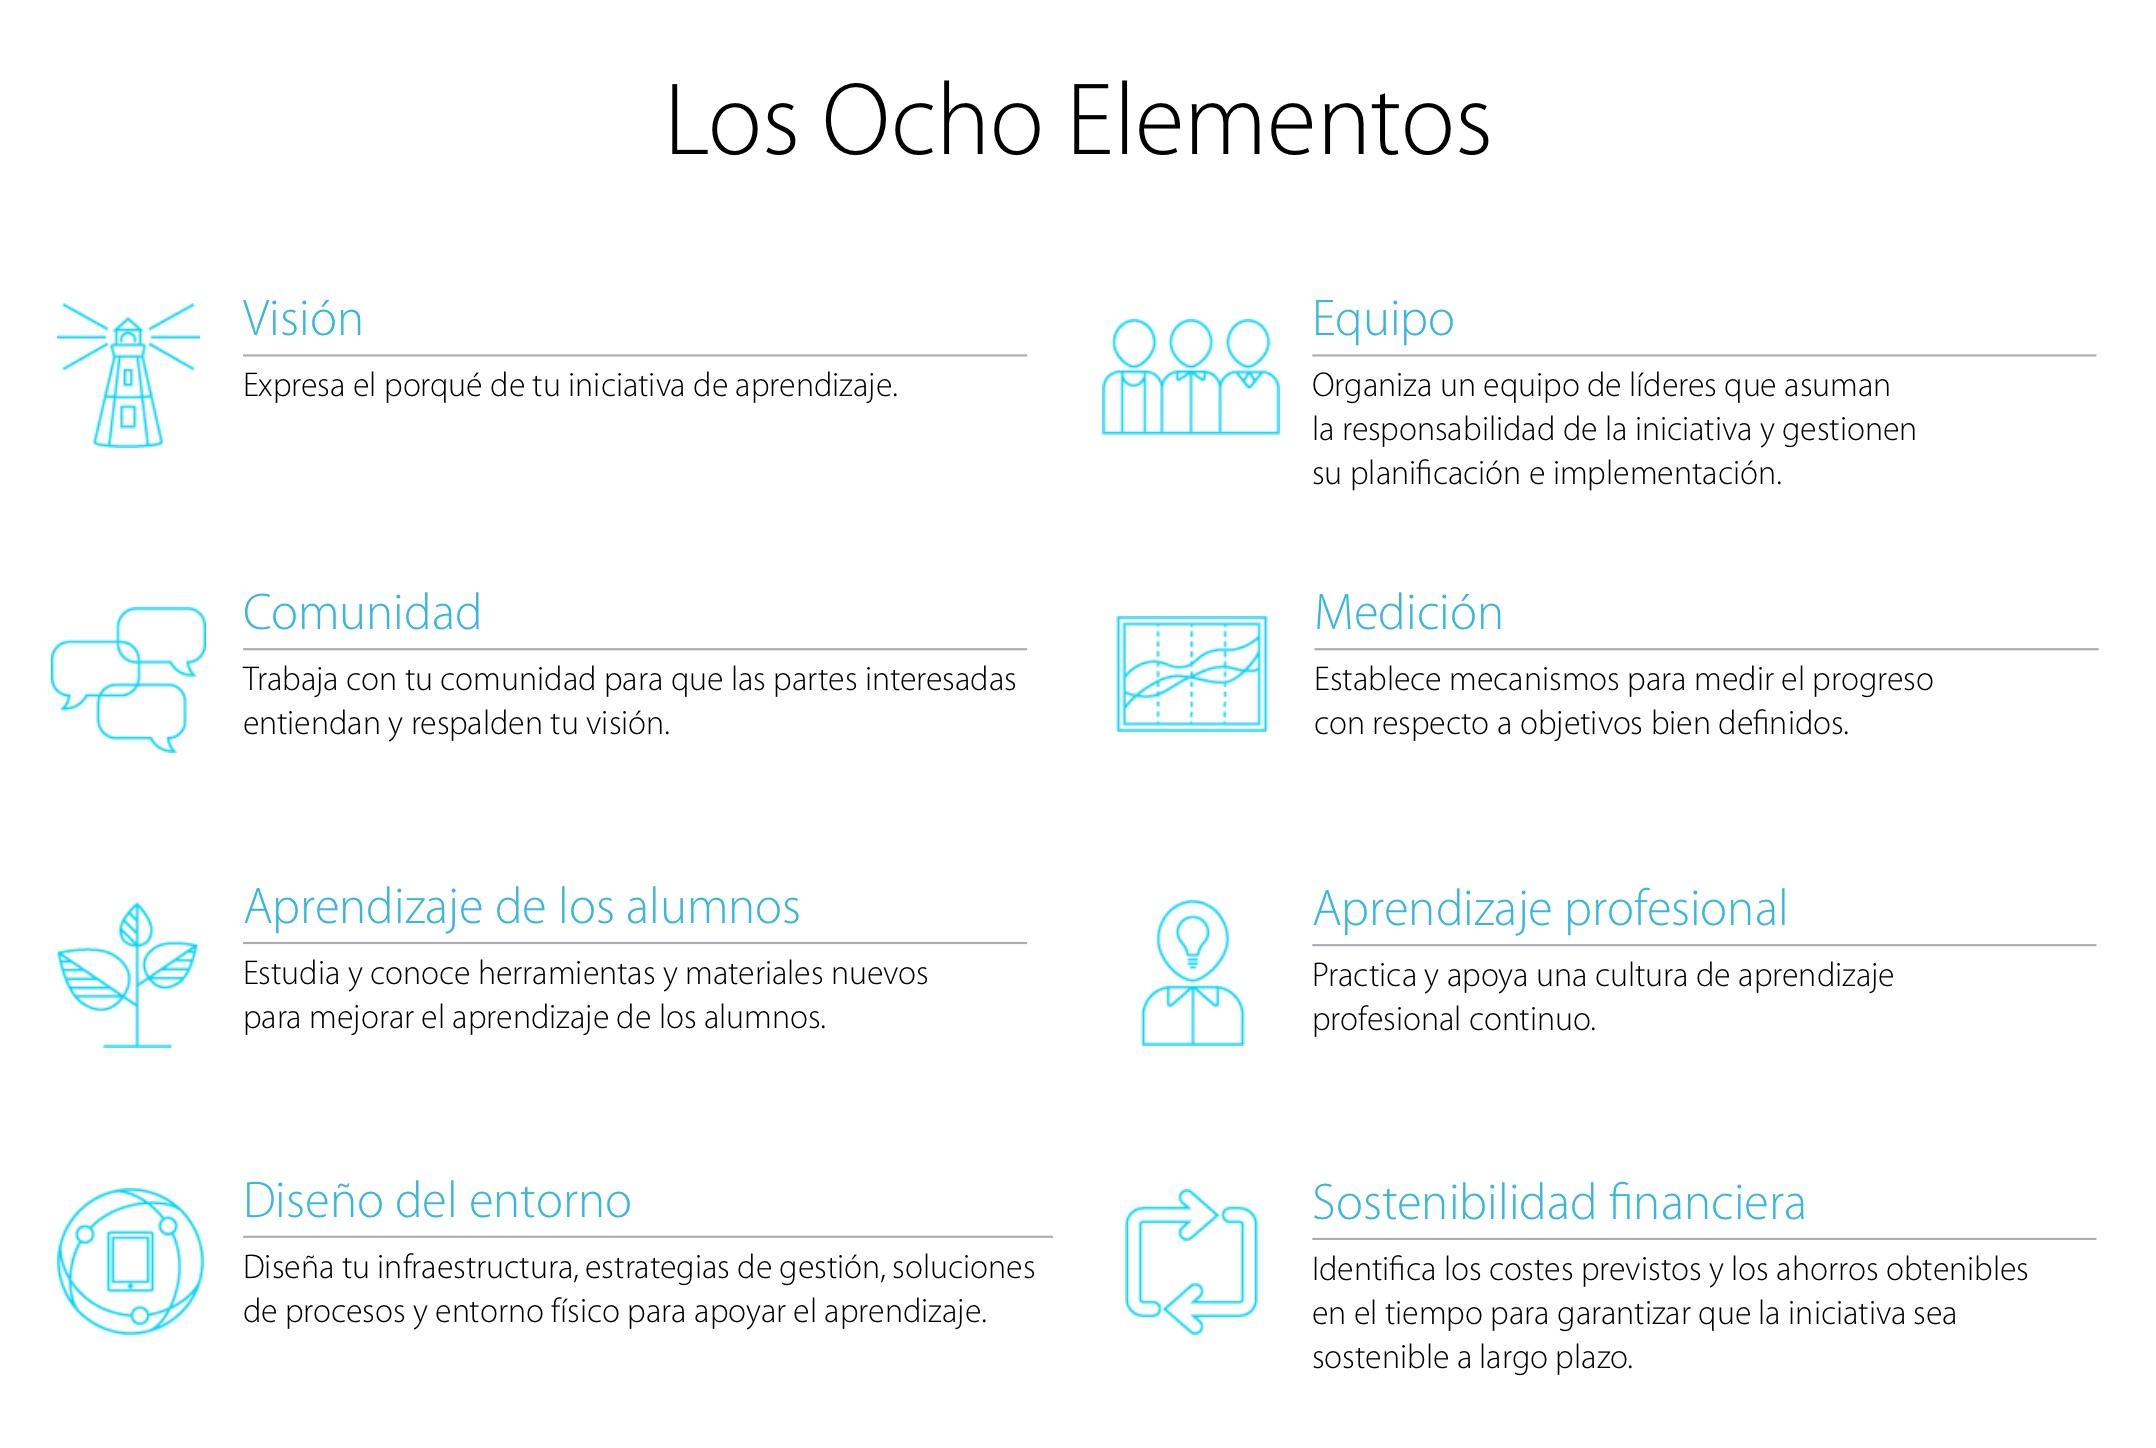 Los_Ocho_Elementos_del_exito